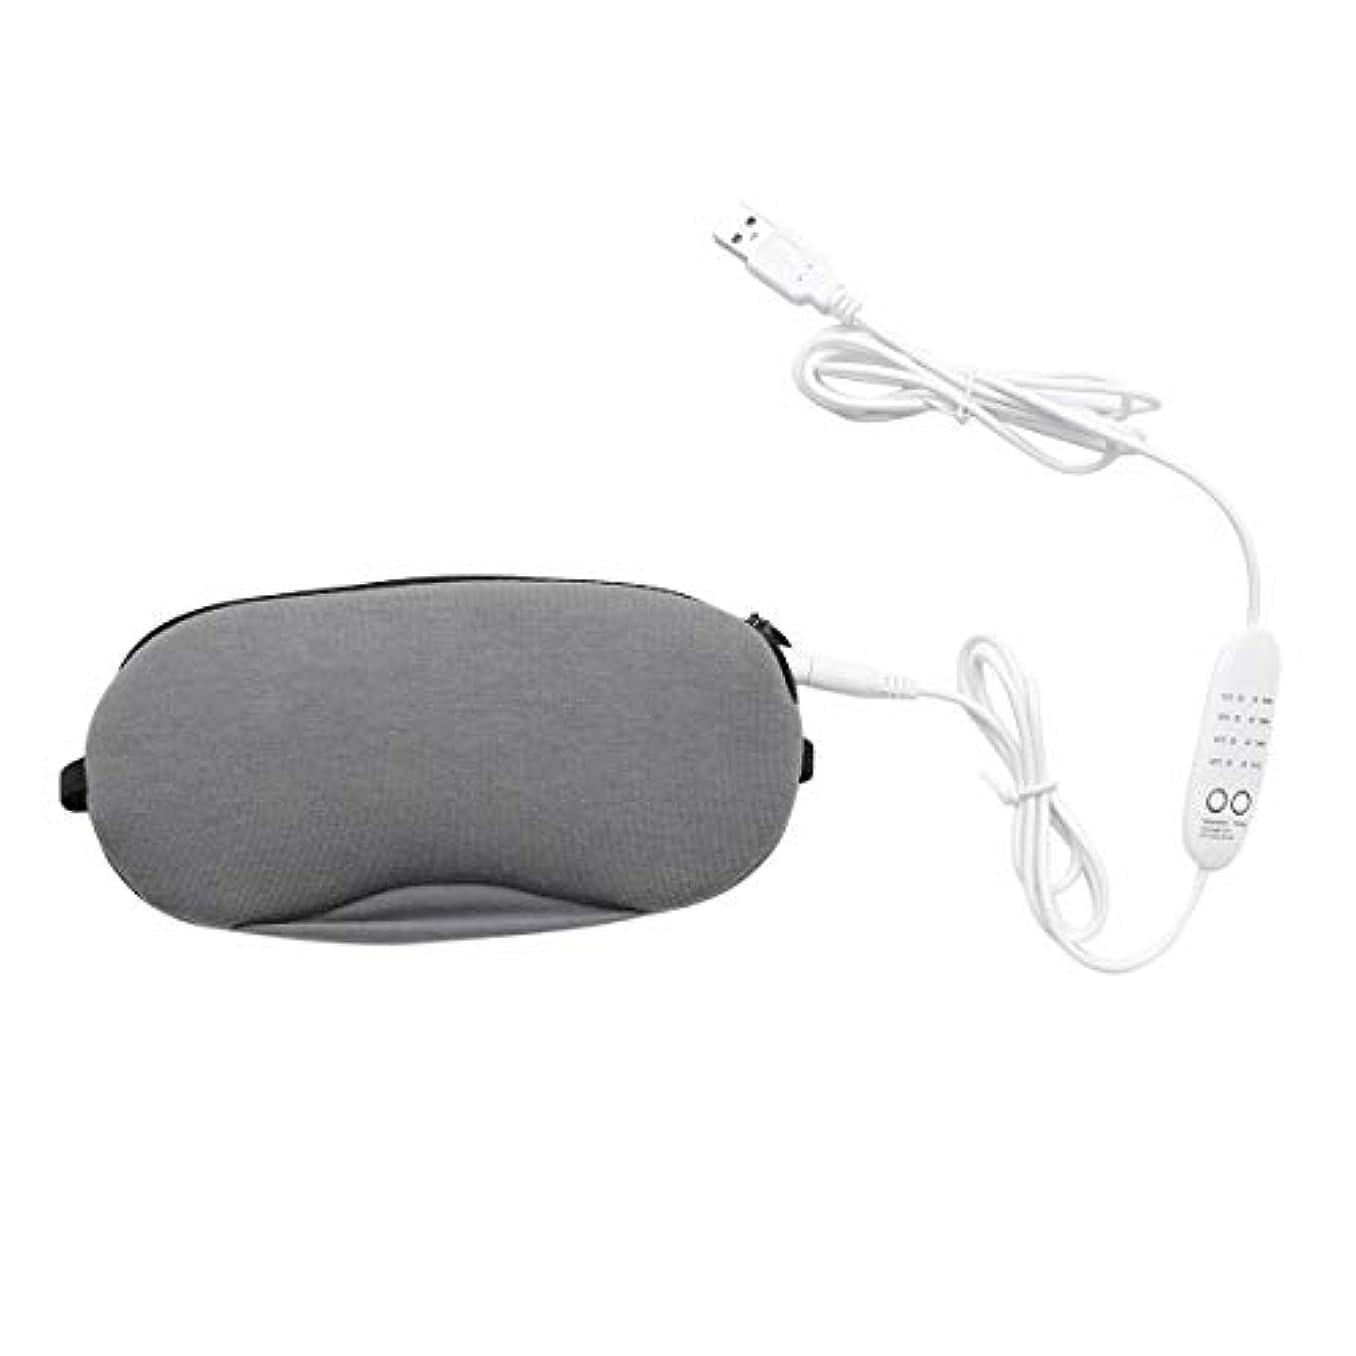 対人請求可能レーザSUPVOX スリーピングマスクUSBホットアイマスクポータブル電熱アイマスクウォーマー(温度調節可能)(グレー)